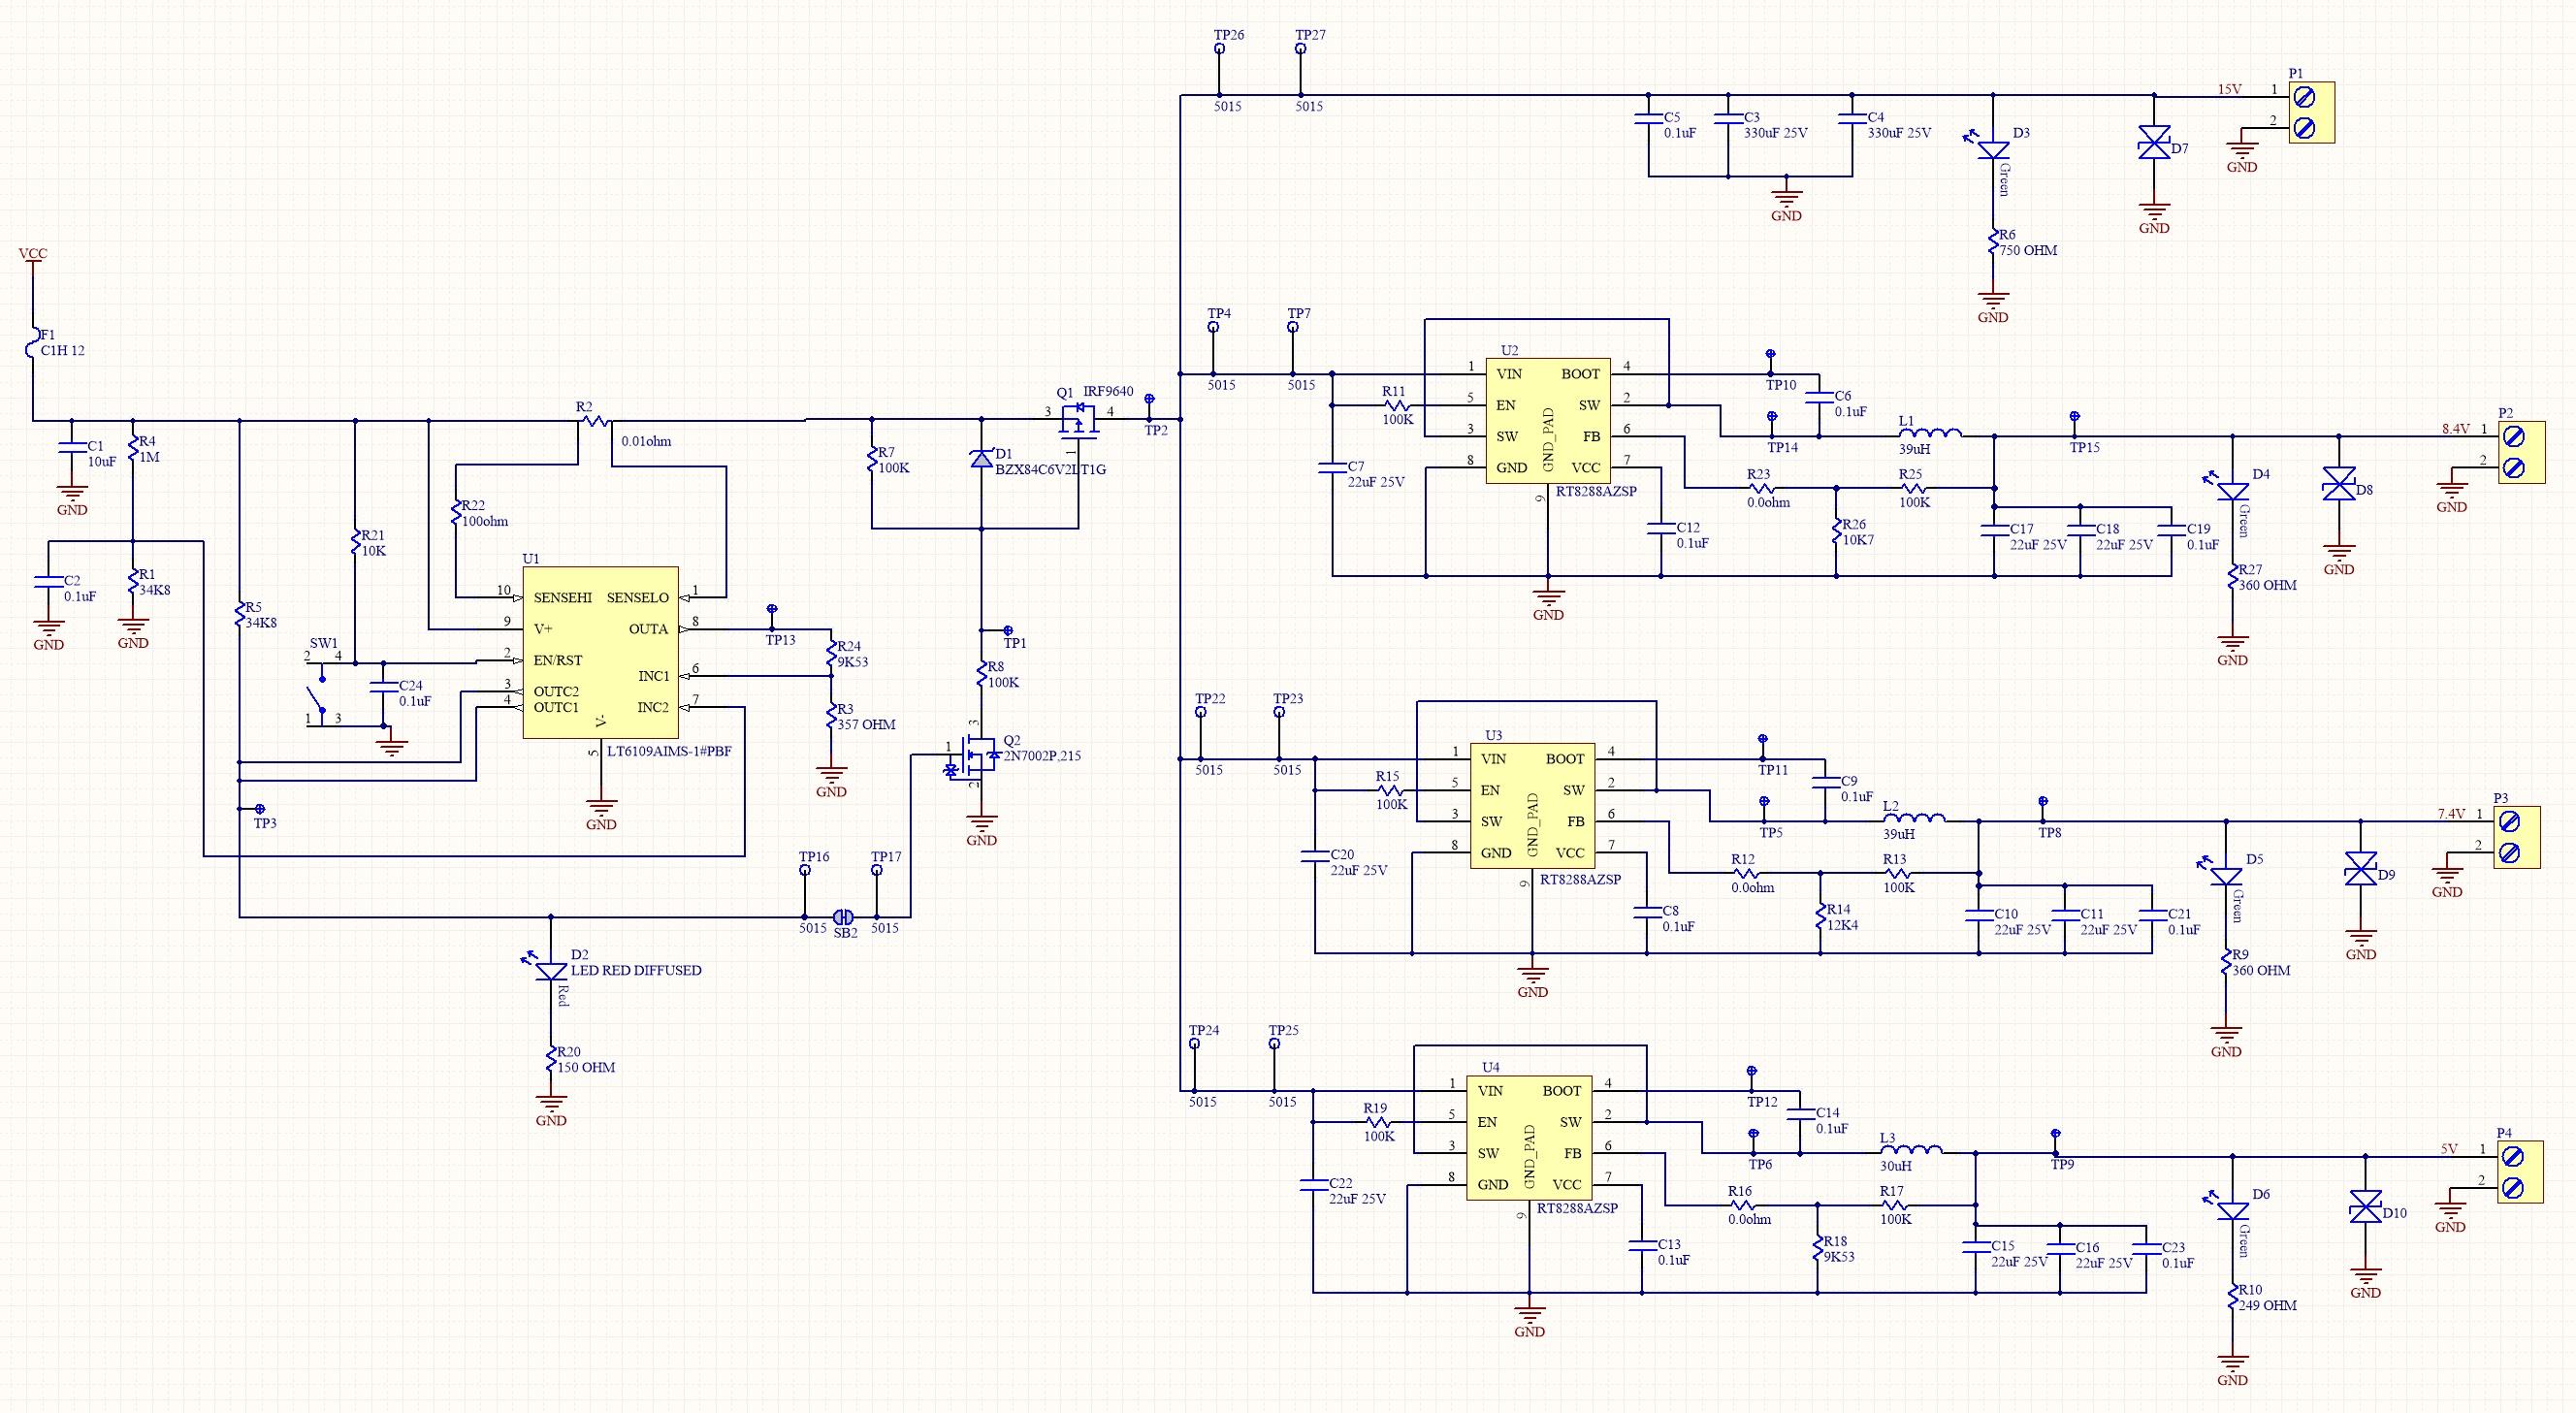 schematic capture  | justinmklam.com